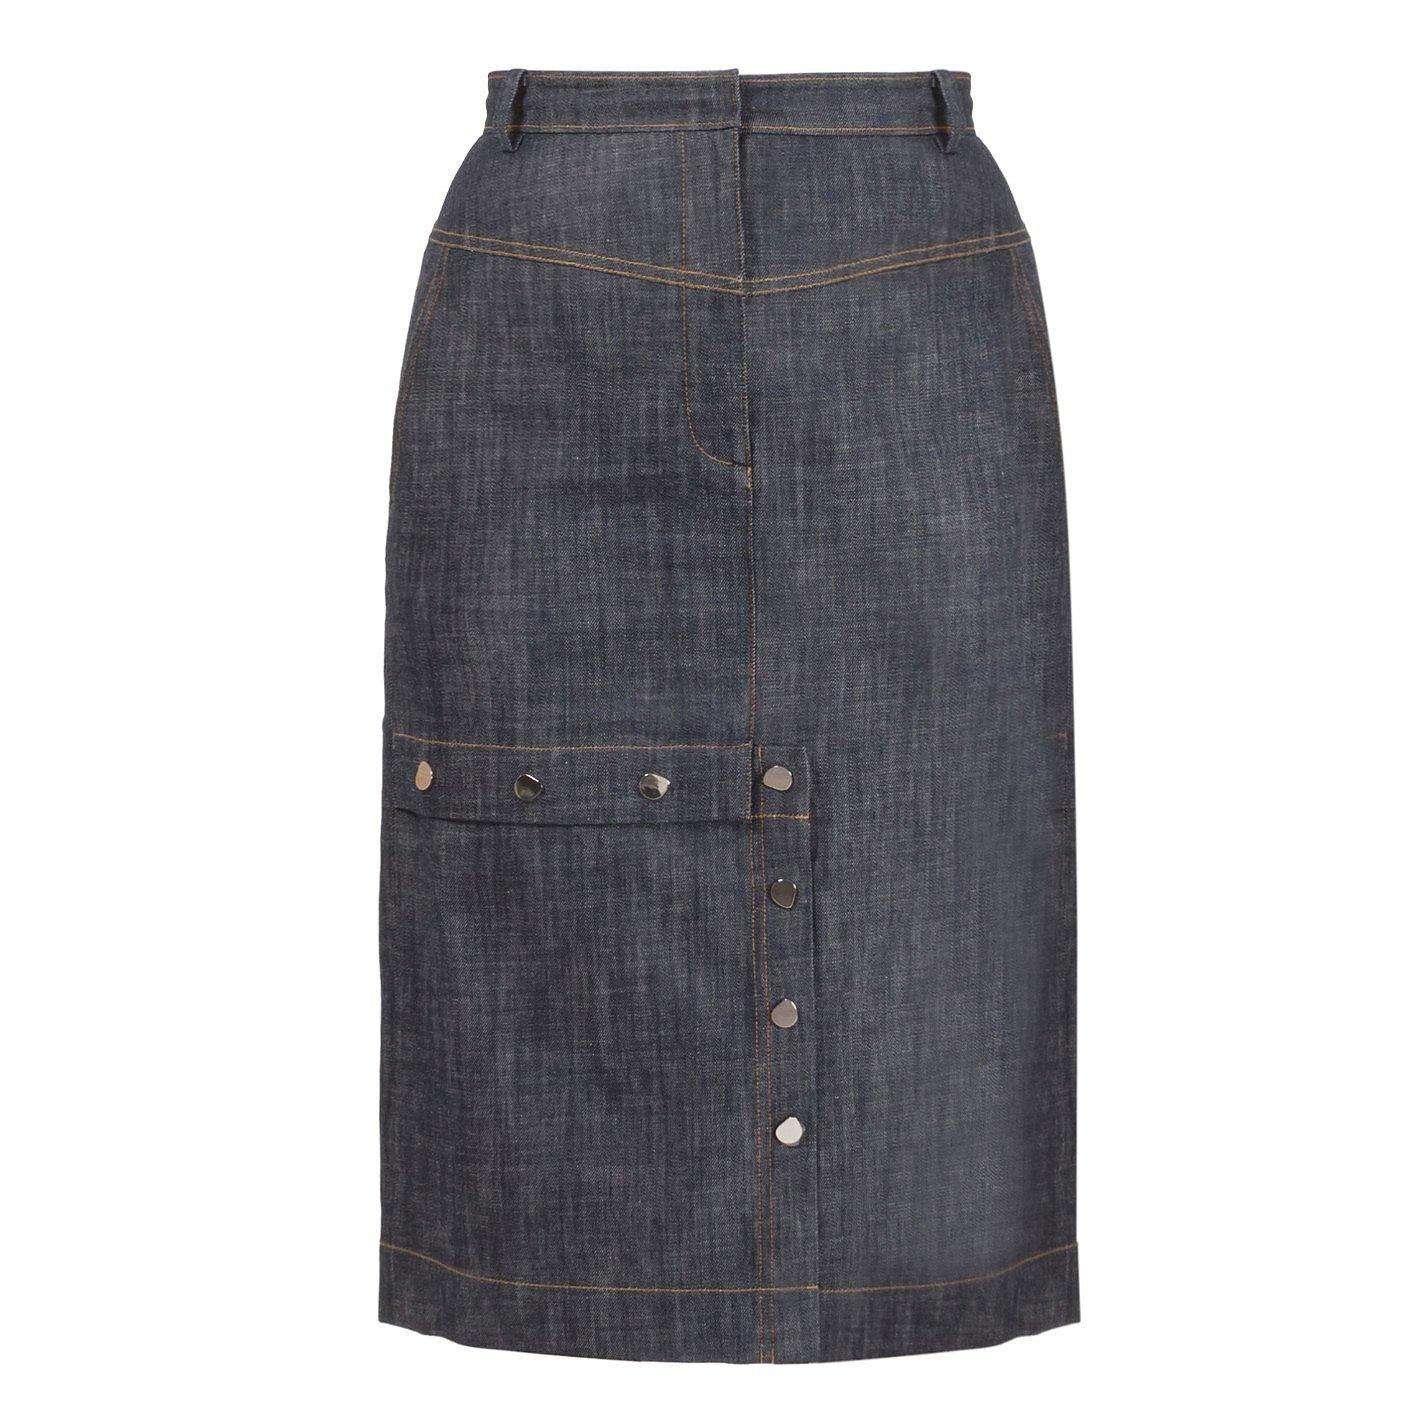 Tibi Jamie Denim Skirt